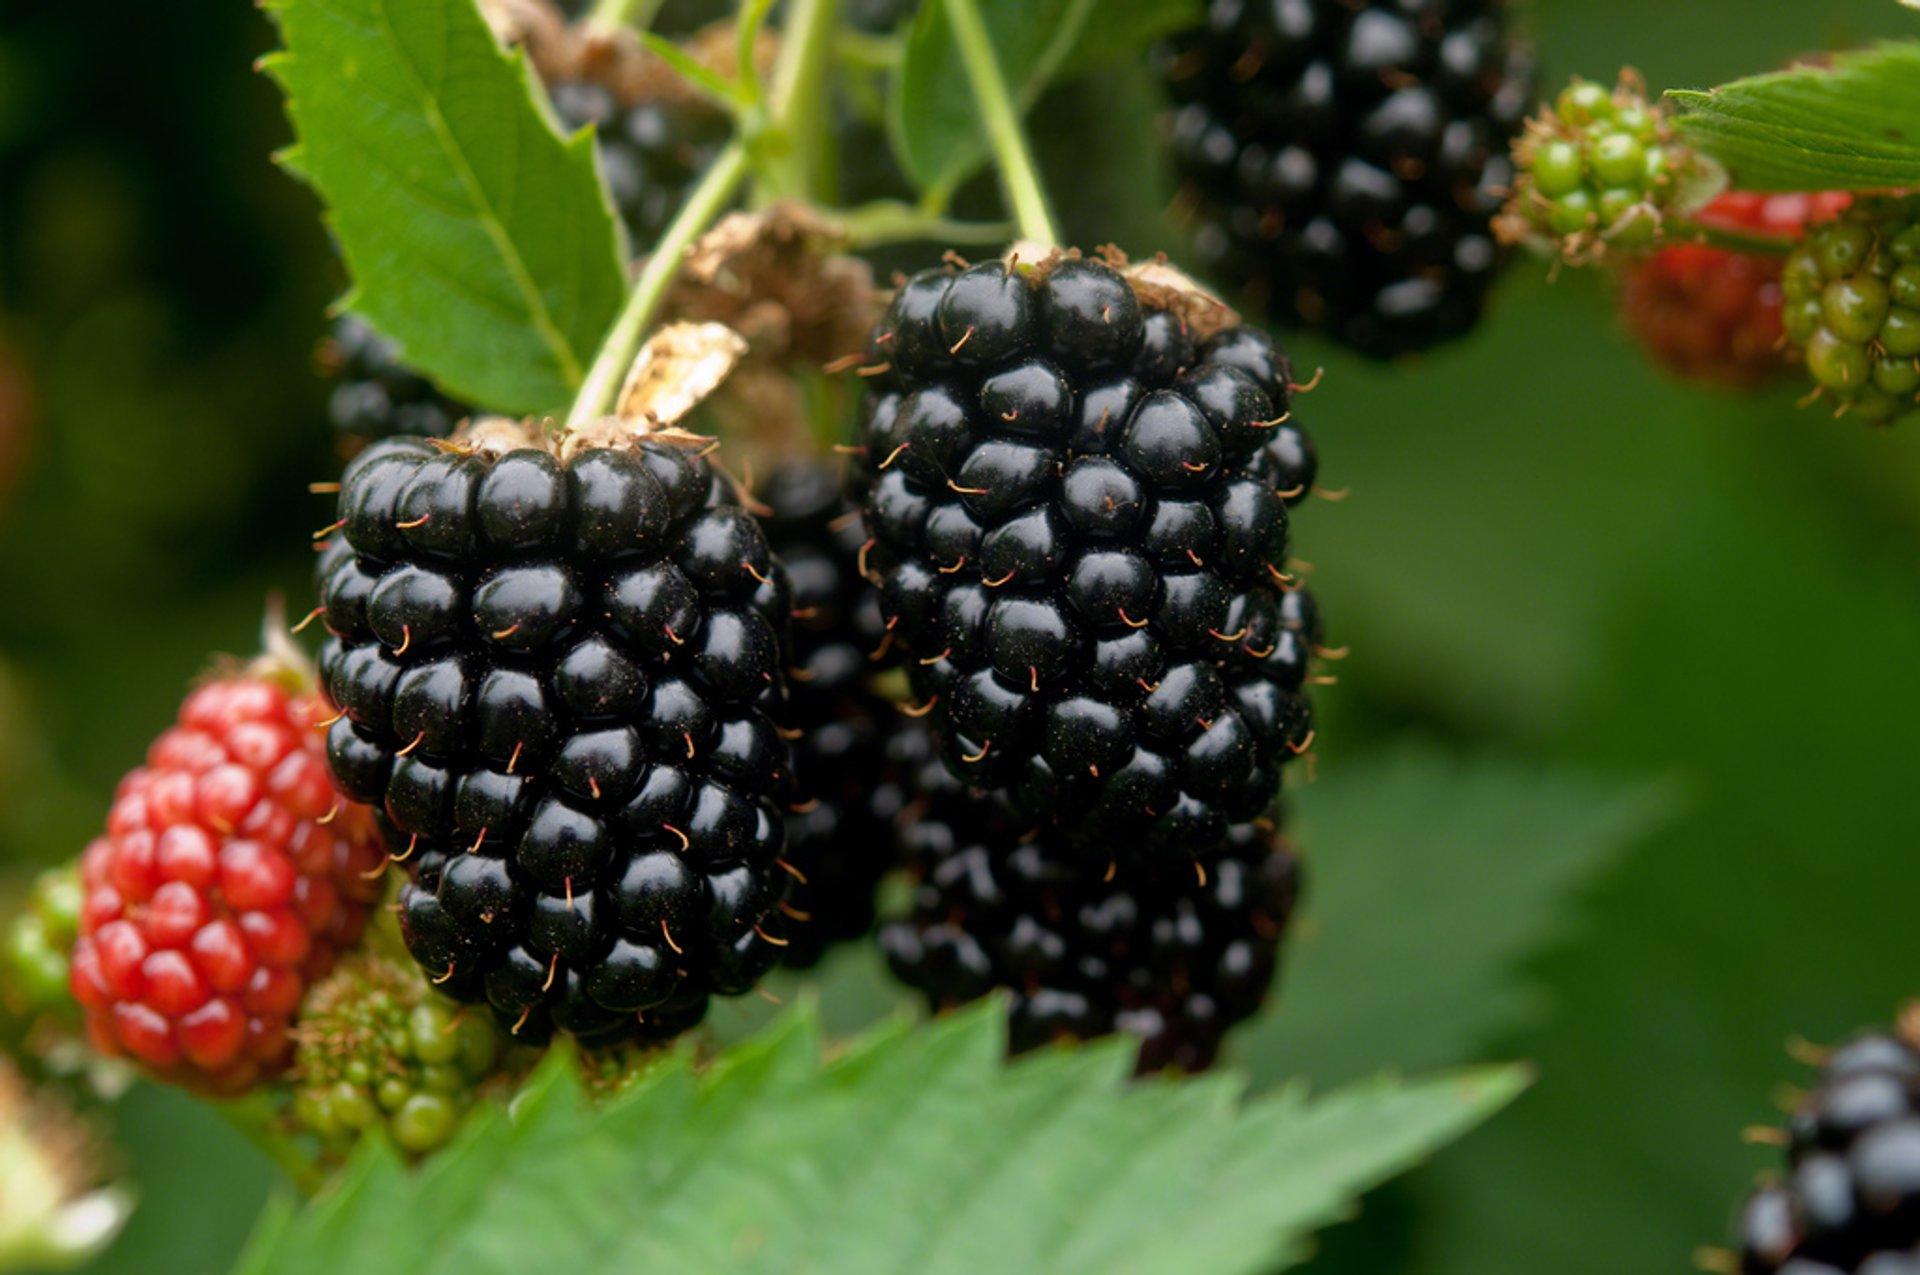 Blackberries in Ireland 2020 - Best Time